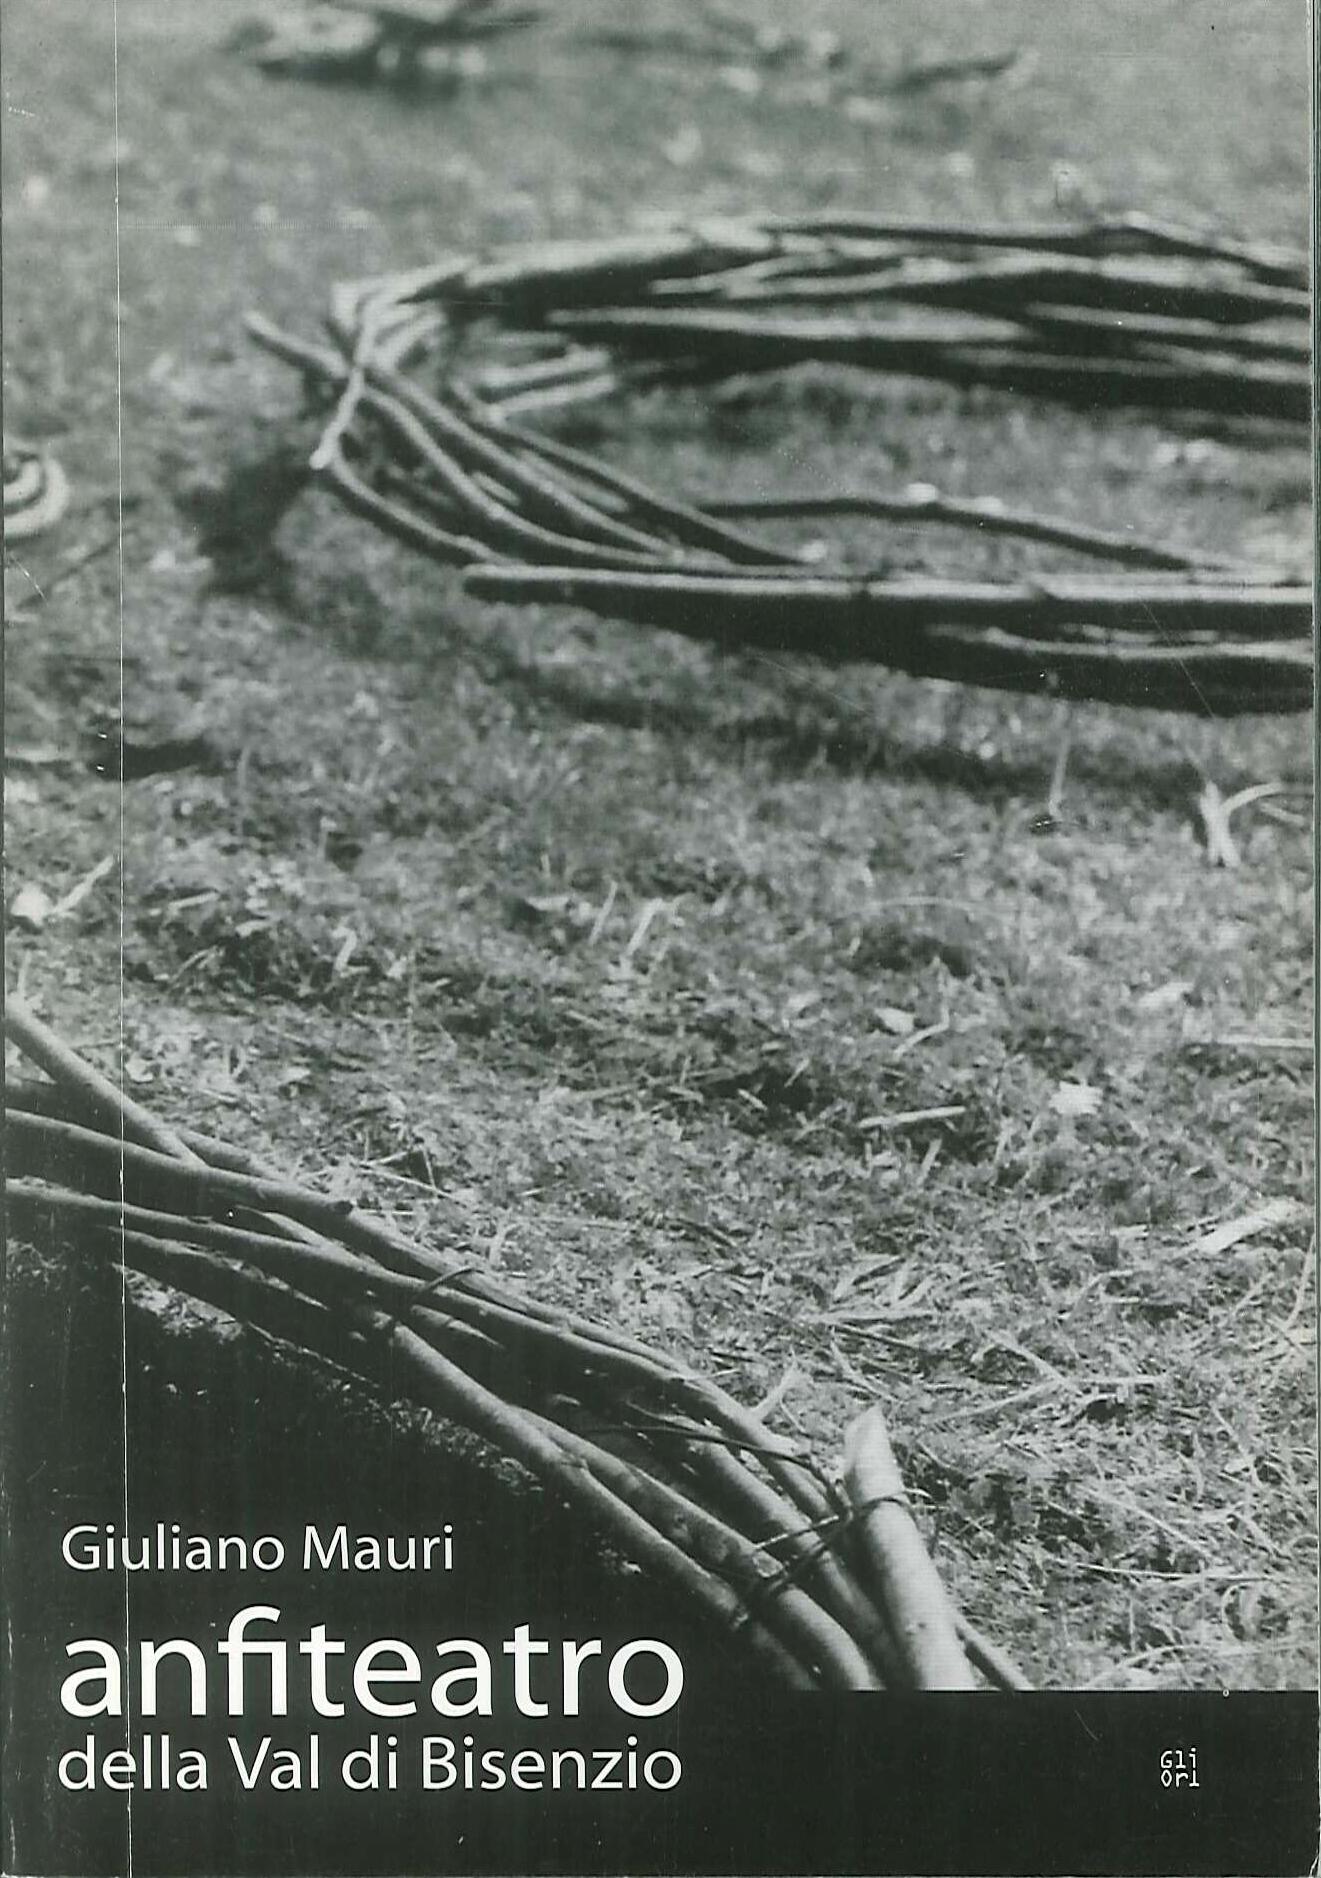 Anfiteatro della val di Bisenzio. Giuliano Mauri